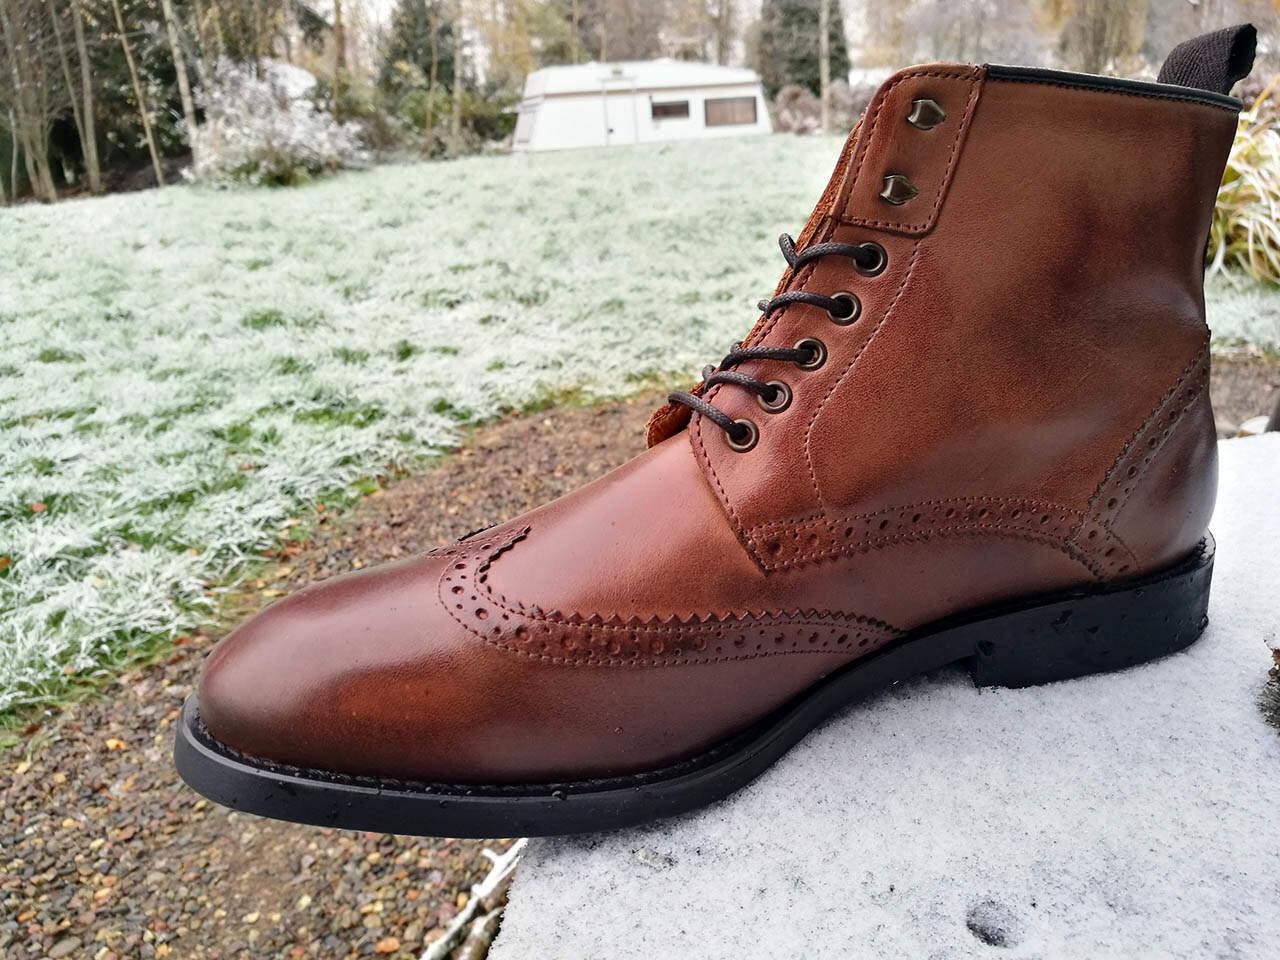 Bexley Charing Gomme City -kenkien ensivaikutelma on hyvä.